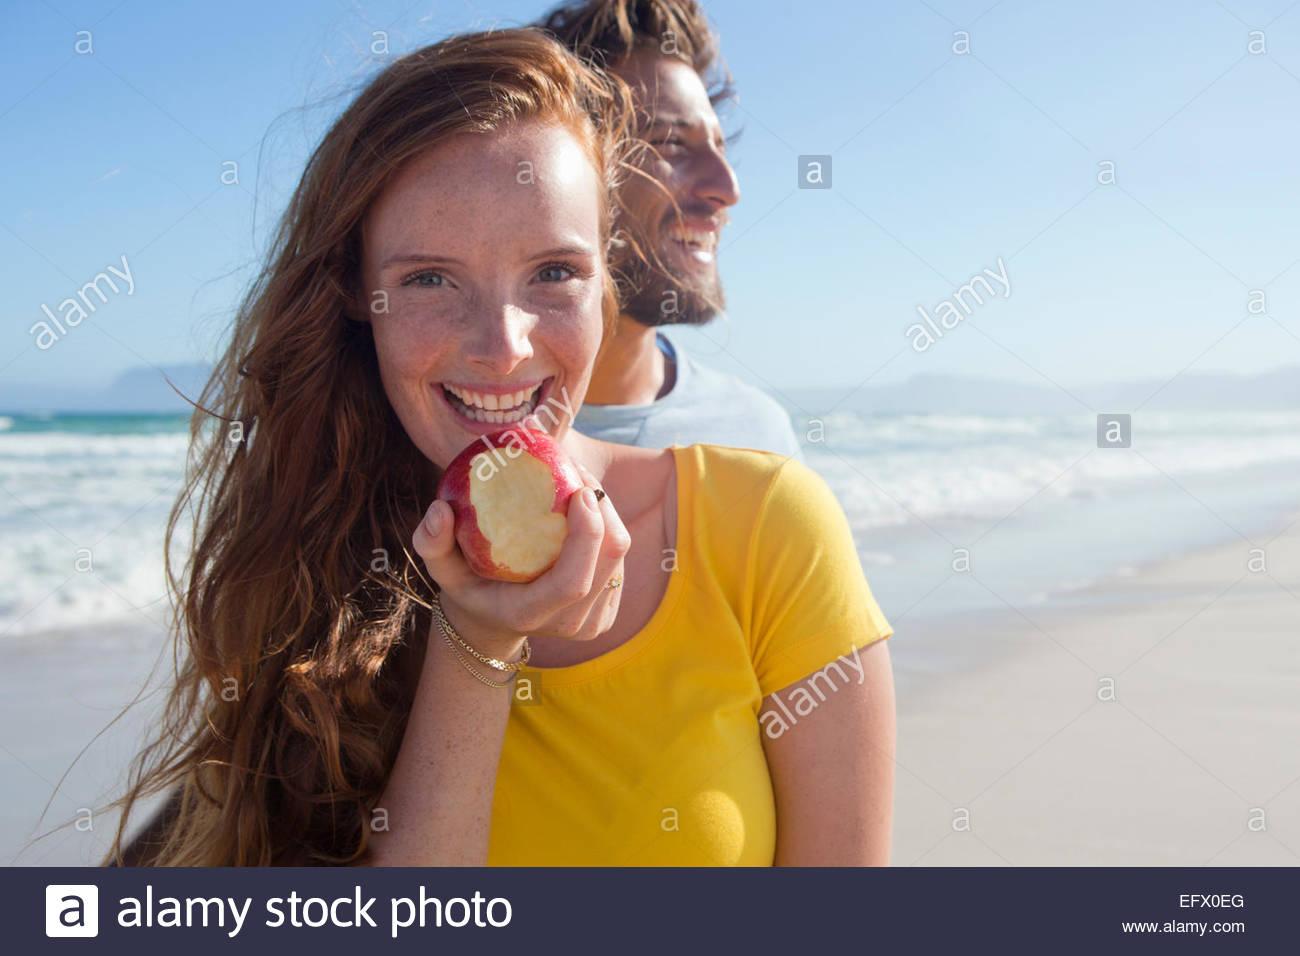 Lächelnde paar am Sonnenstrand, mit Frau hält einen Apfel mit einem Bissen aus ihm heraus Stockbild